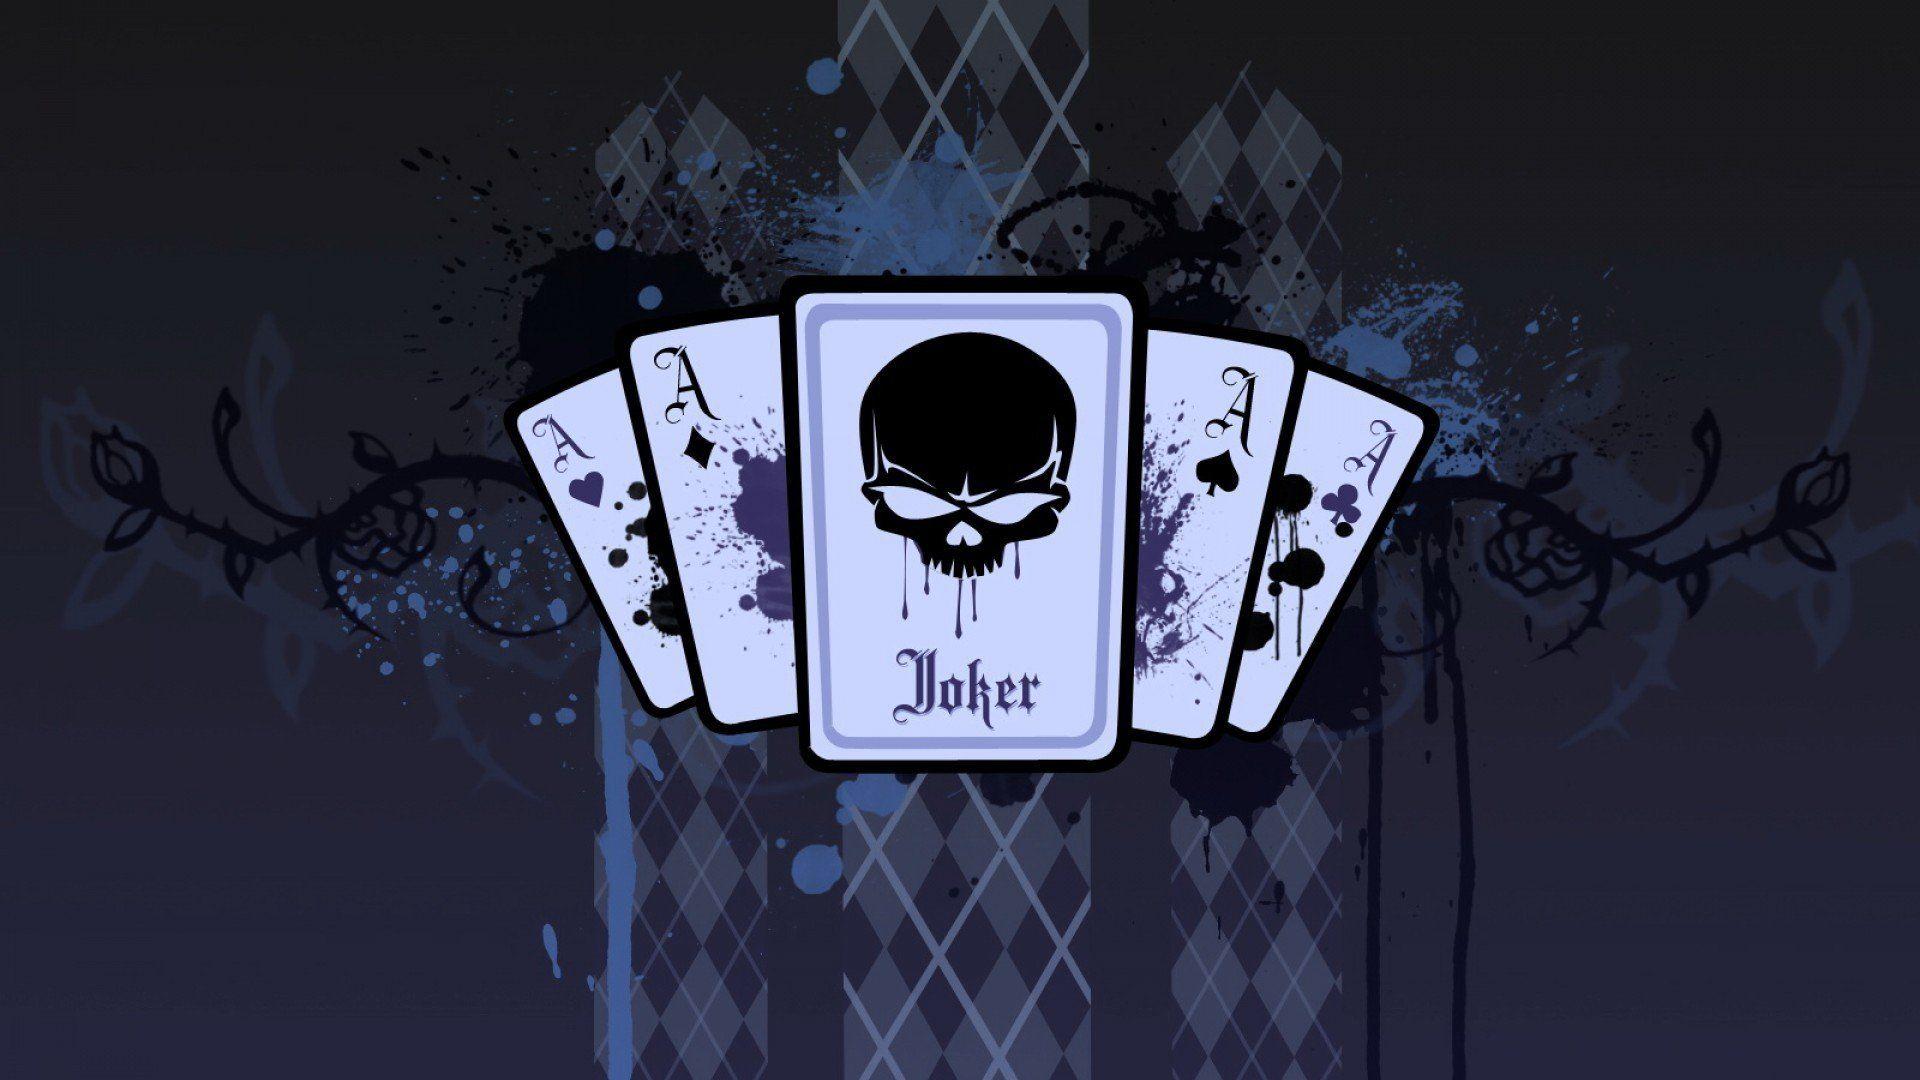 Hd wallpaper of joker - Joker Wallpapers High Quality Download Free Hd Wallpapers Pinterest Wallpaper And Joker Iphone Wallpaper